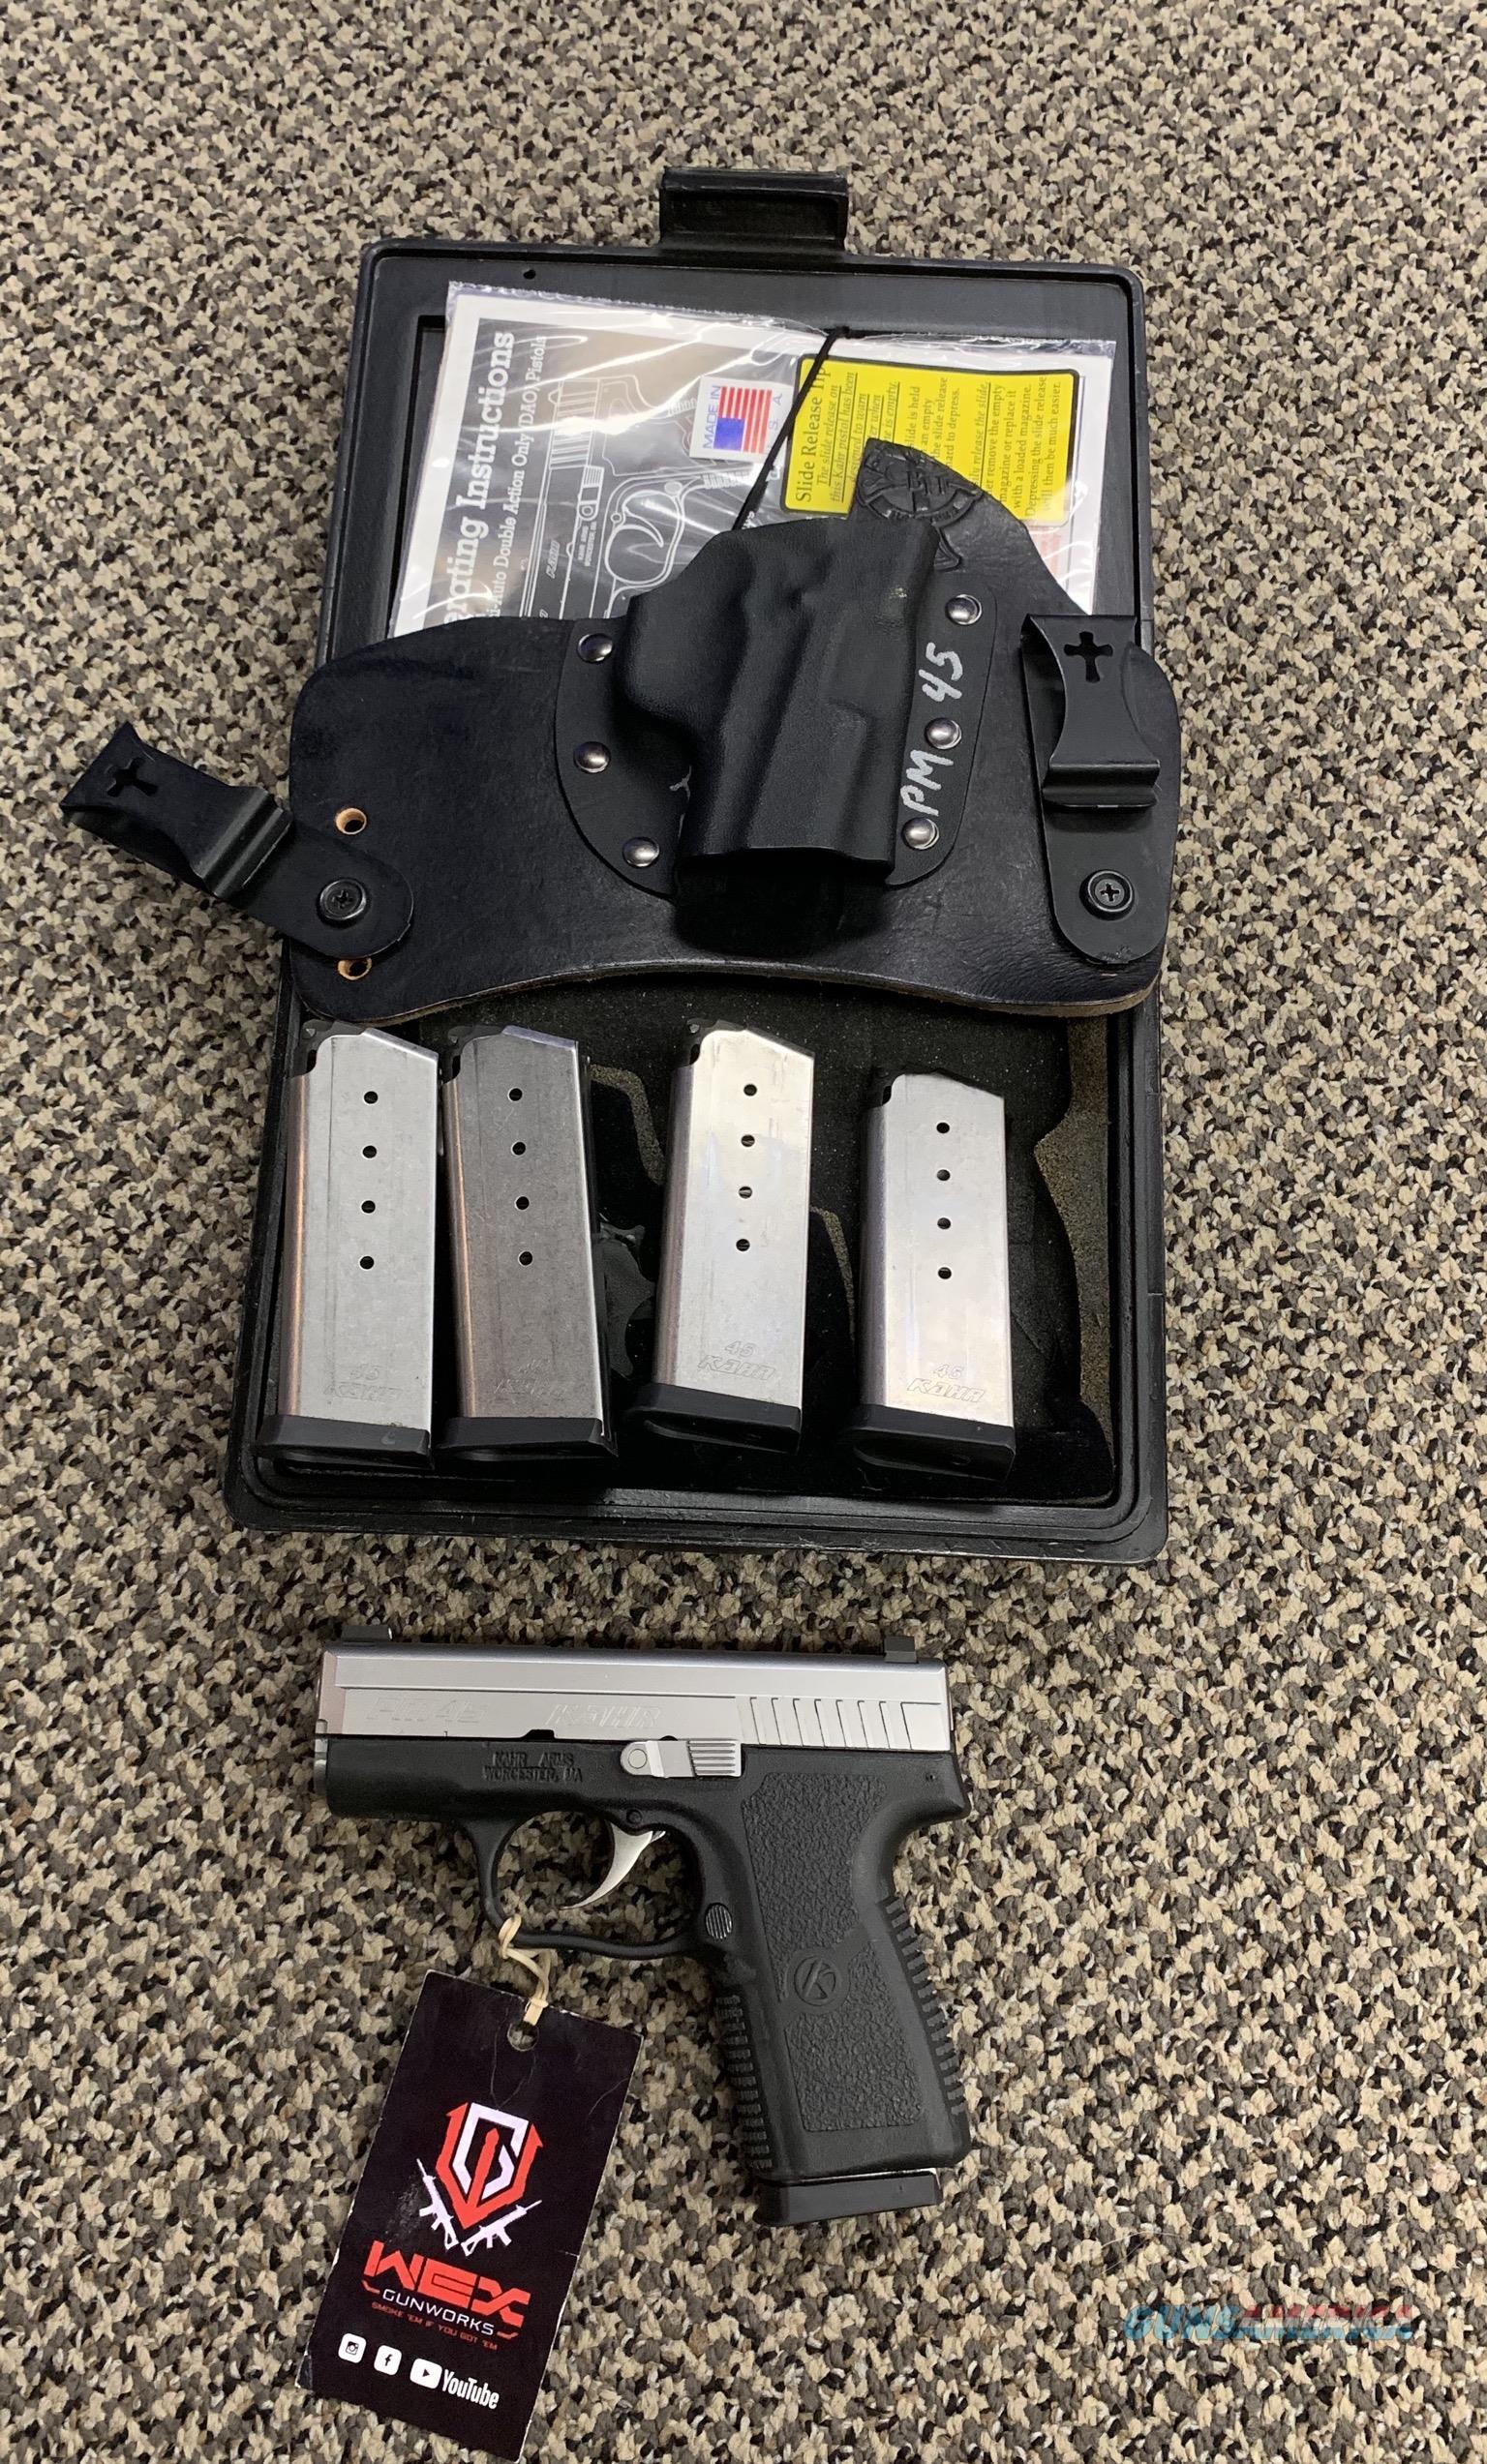 KAHR PM45 .45 ACP TWO TONE FIVE MAGAZINES  Guns > Pistols > Kahr Pistols